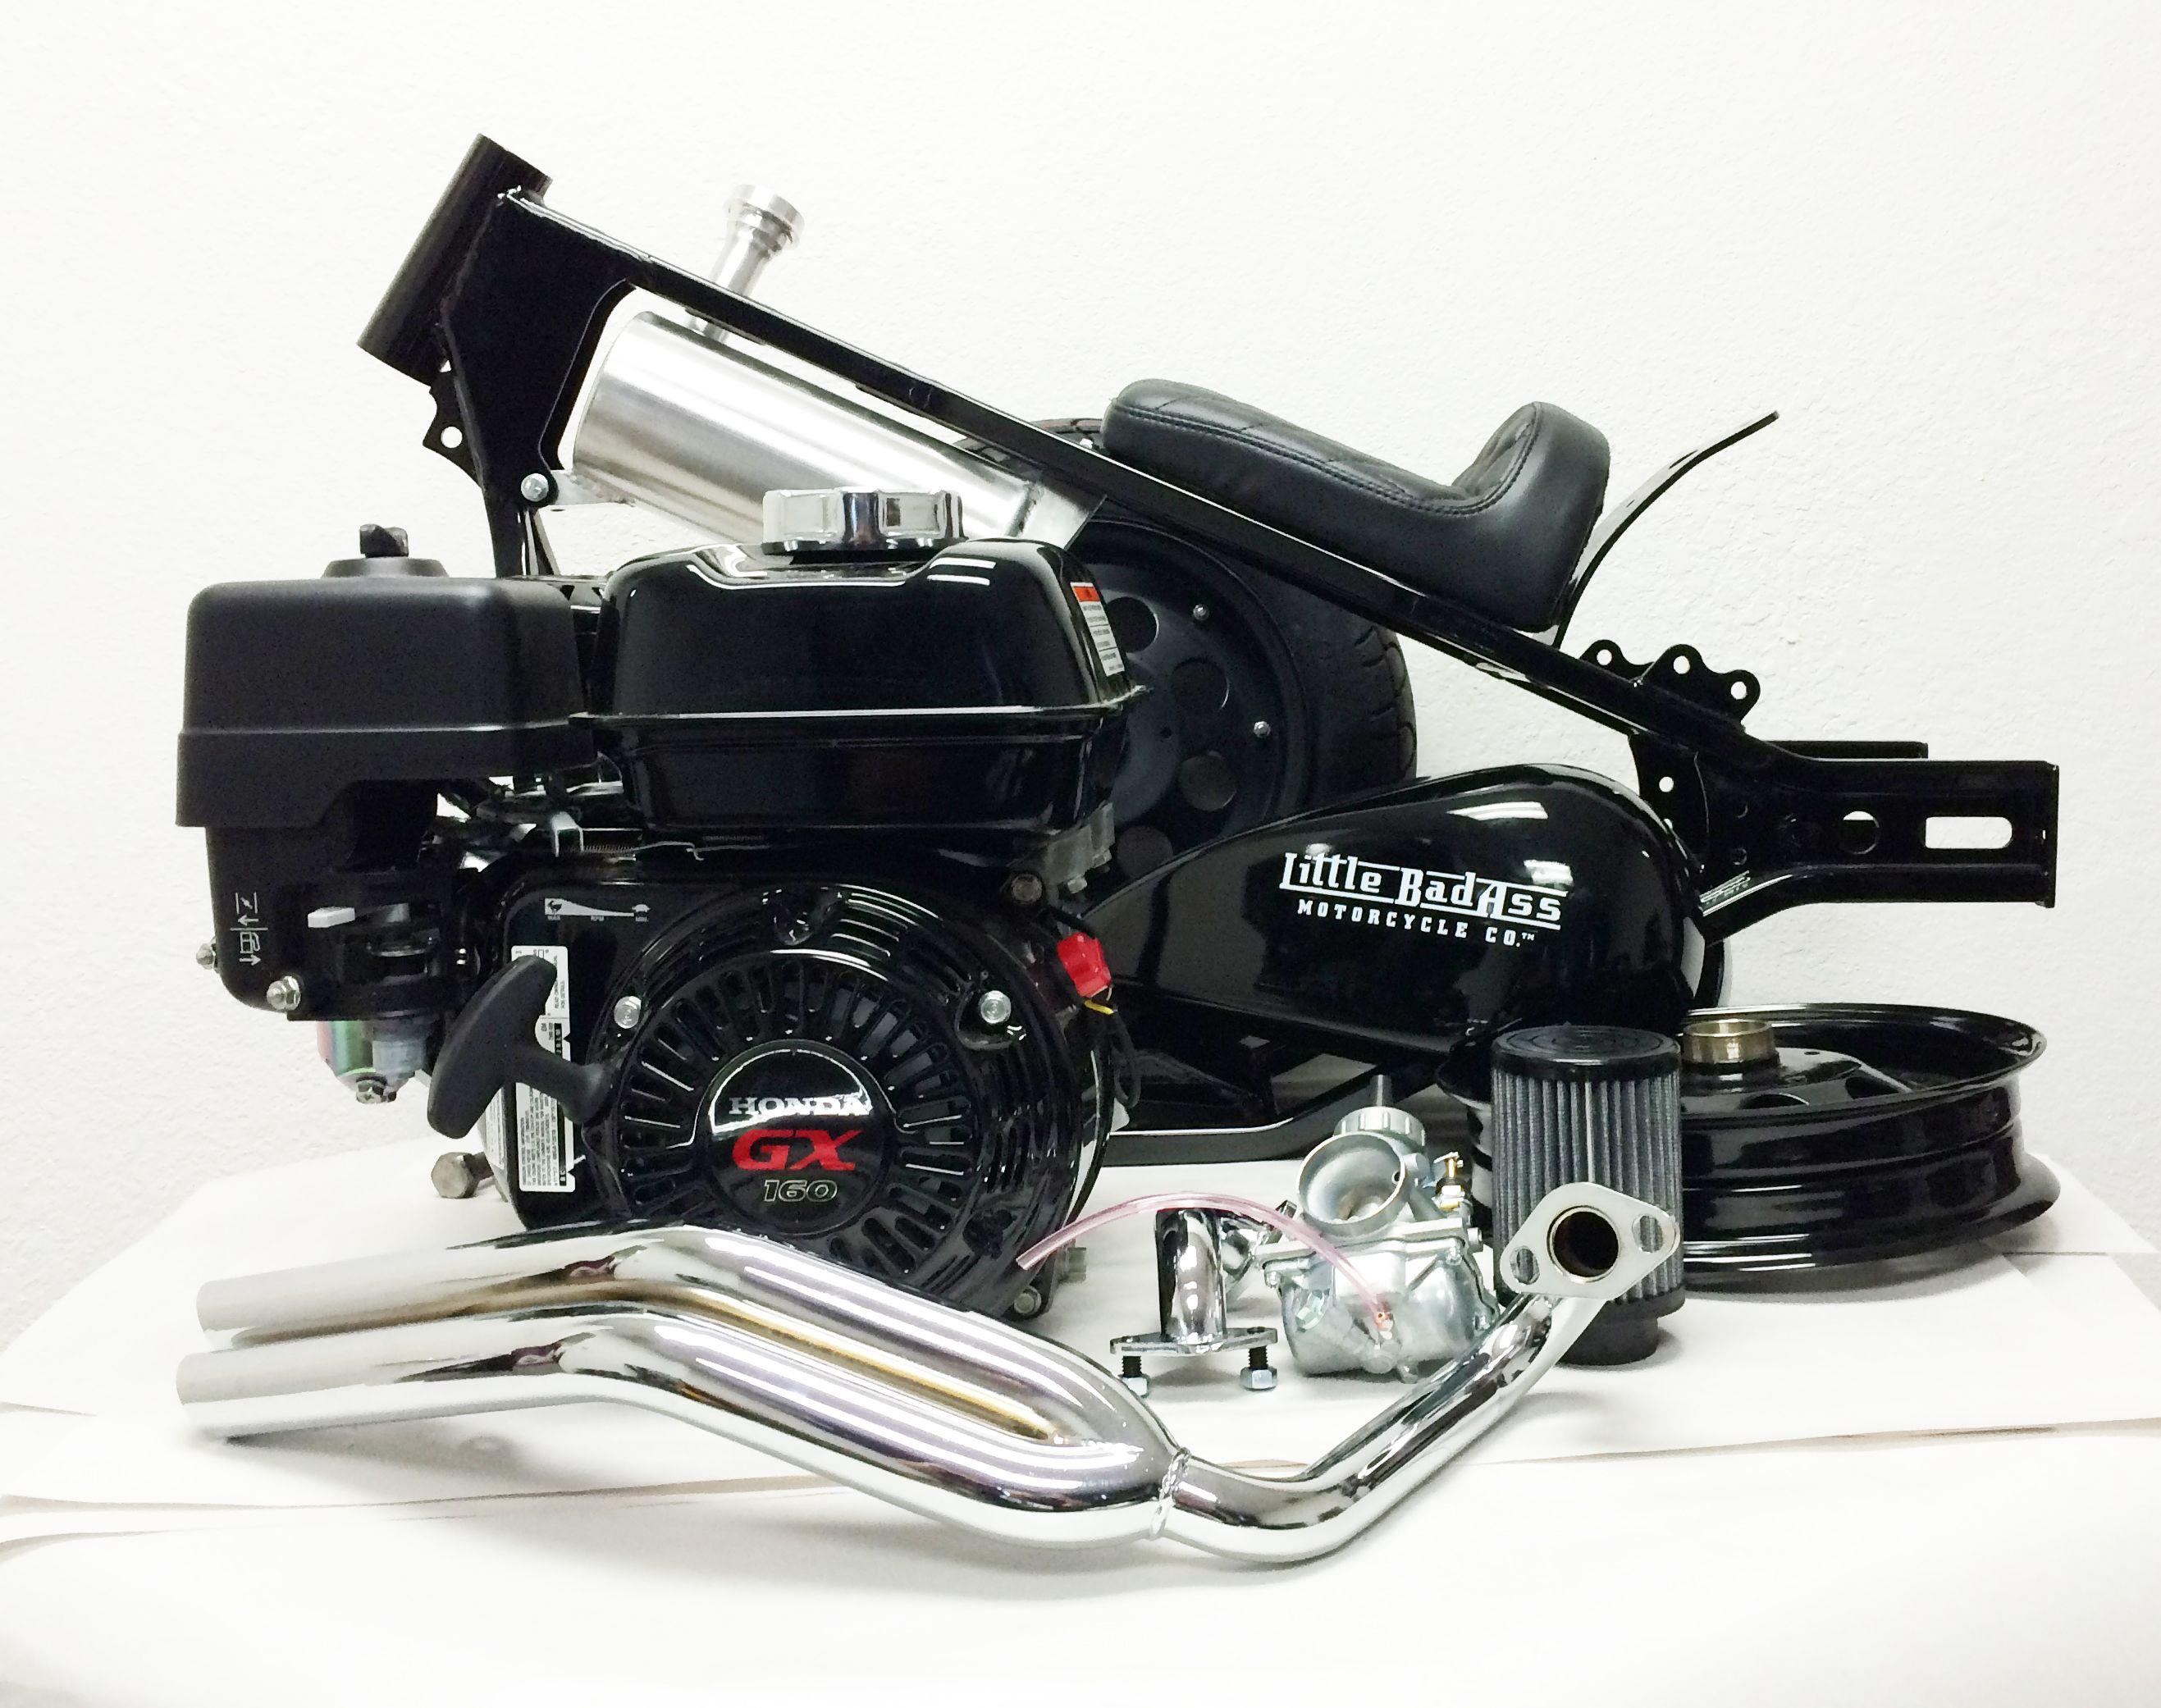 Honda GX160 Black Thunder Engine Assembly, for Little